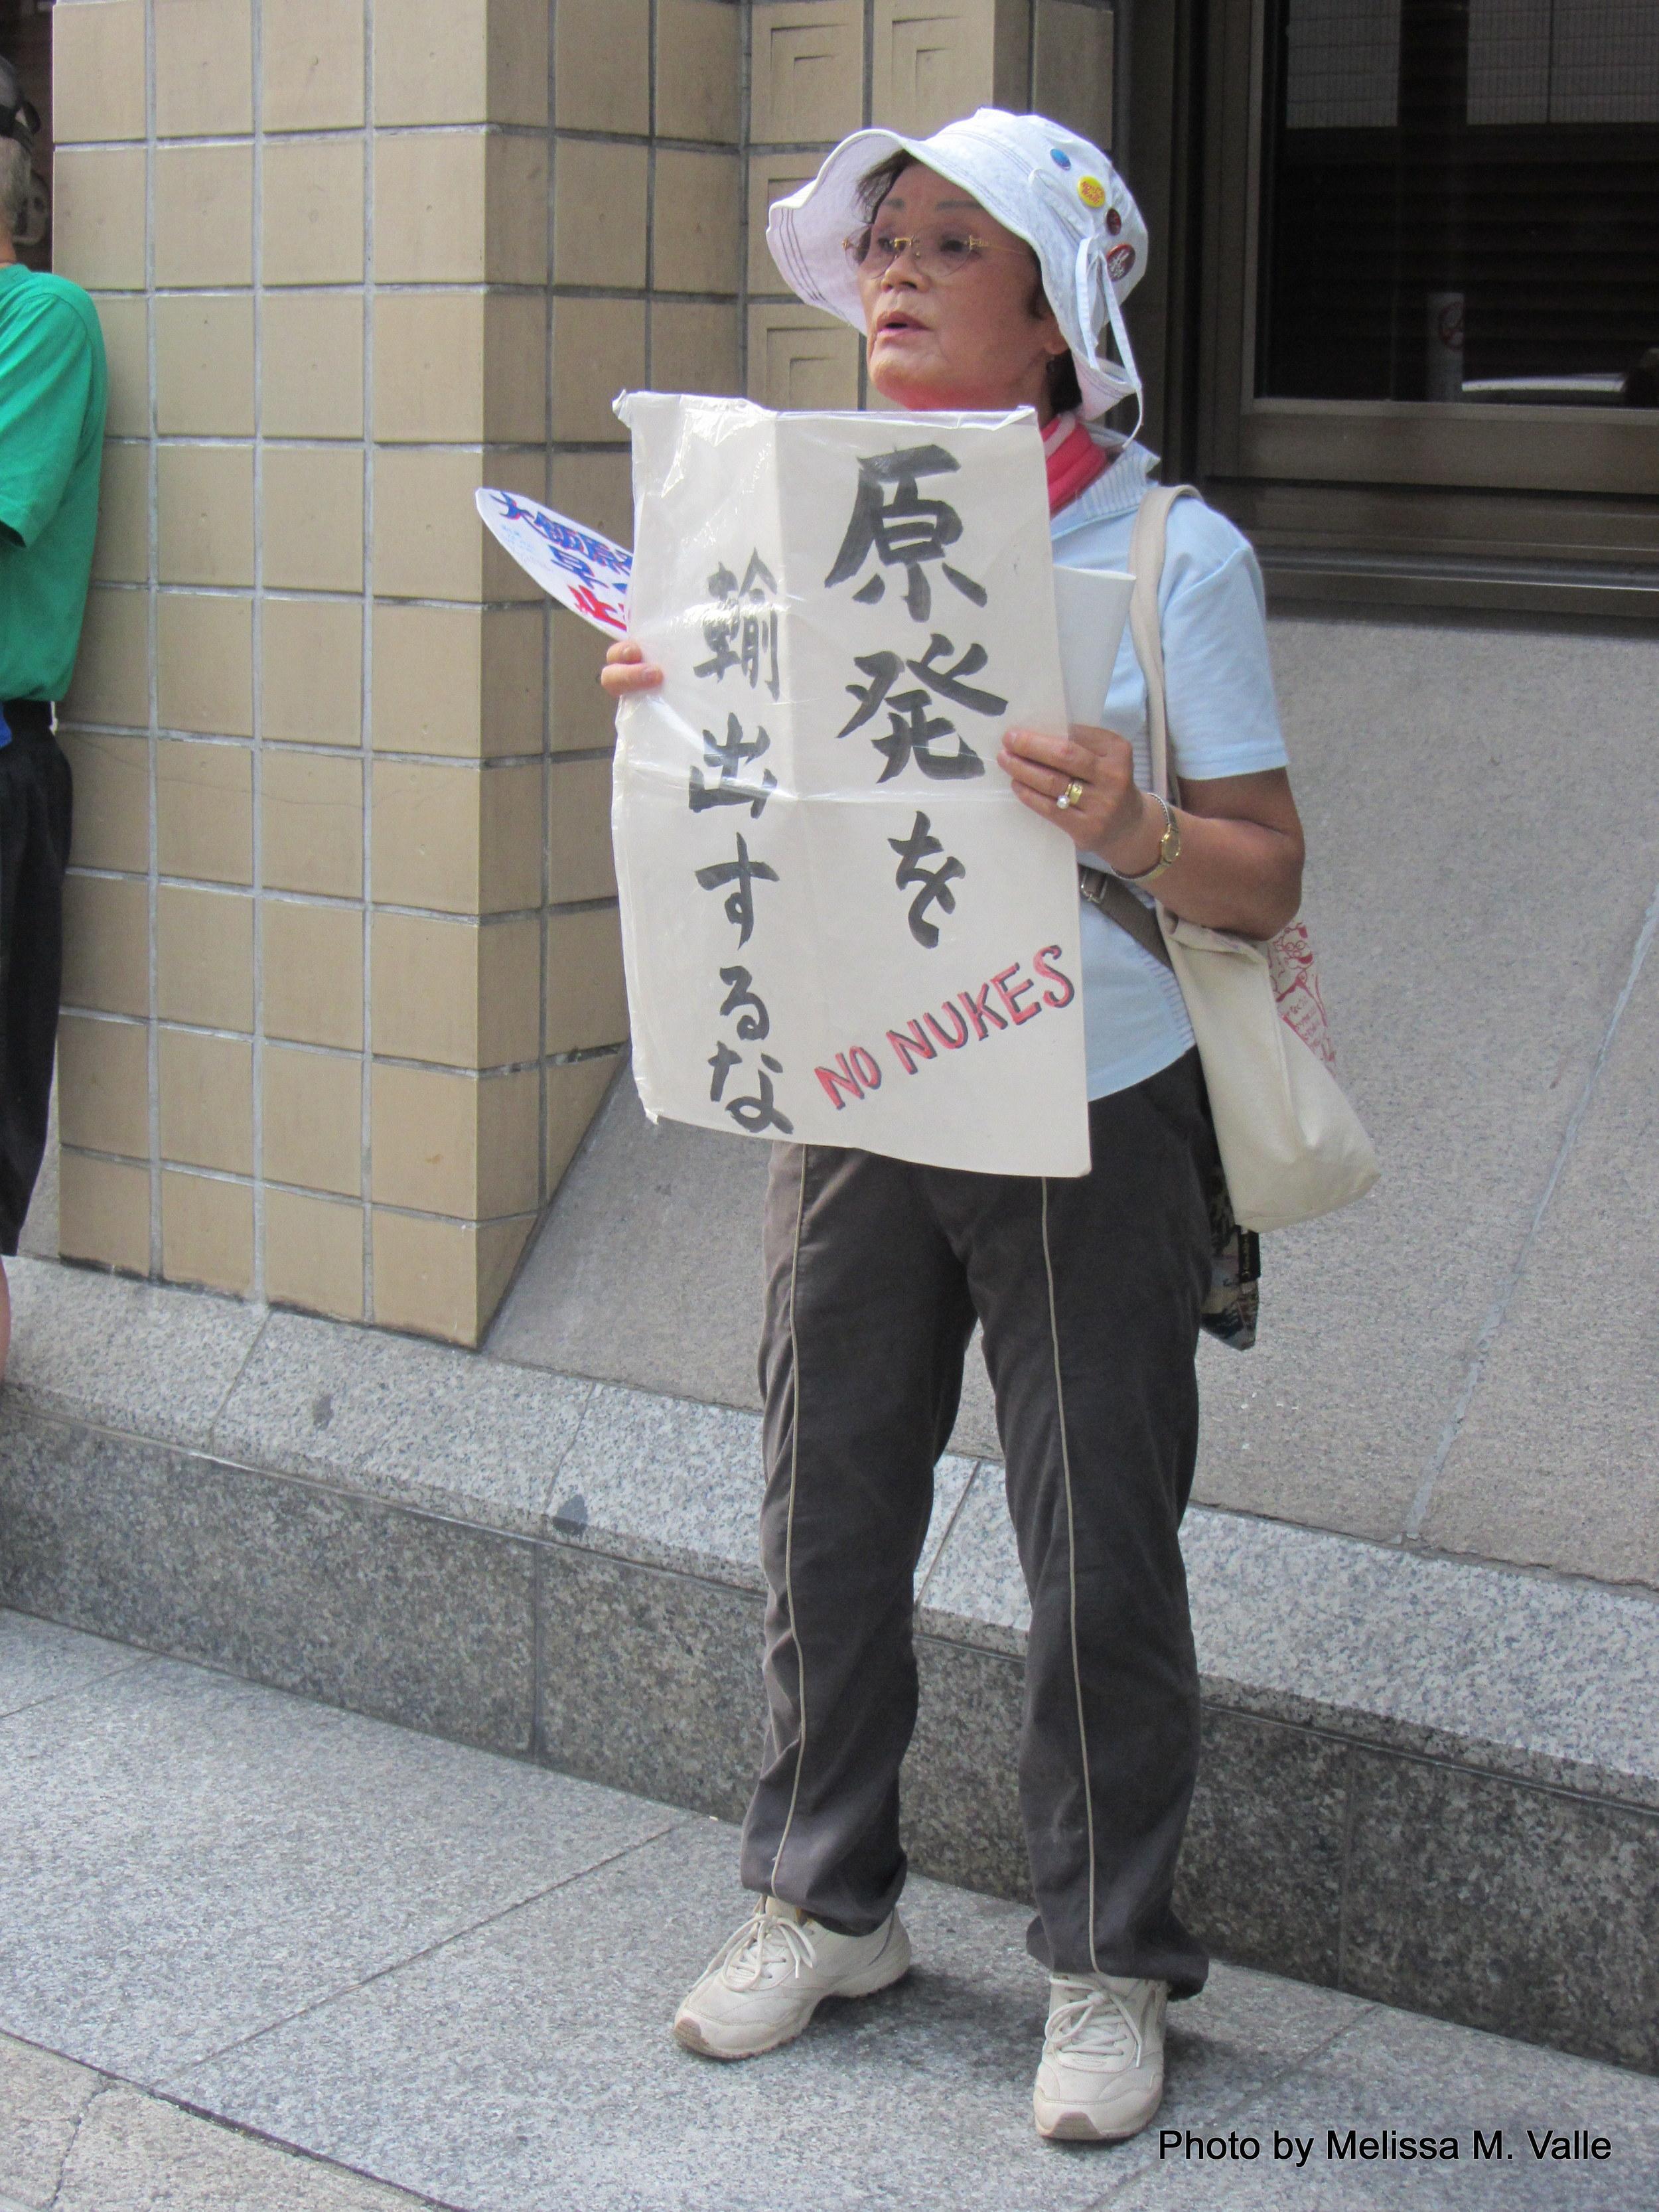 7.18.14 Kyoto, Japan-Anti-nukes protesters (3).JPG